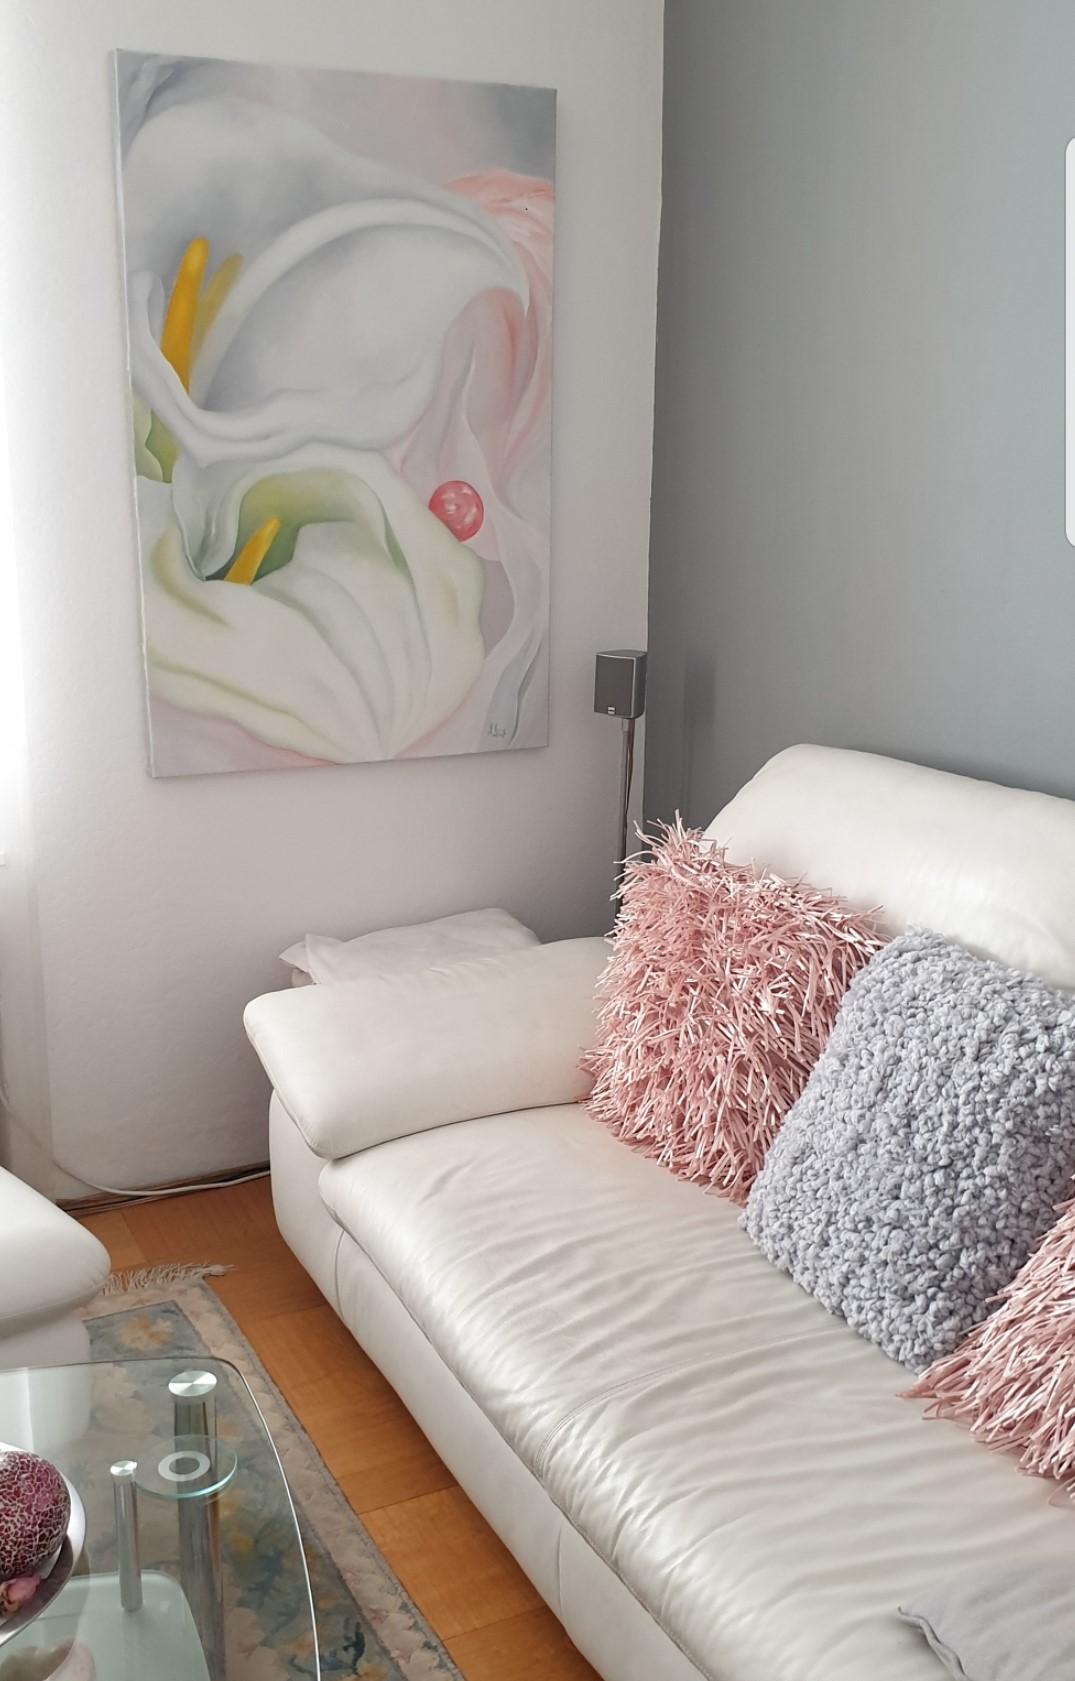 Weiße-Calla-auf rosa-grauem-Untergrund-Atelier-Marion-Haas-Rheingau-Eltville-Hessen-